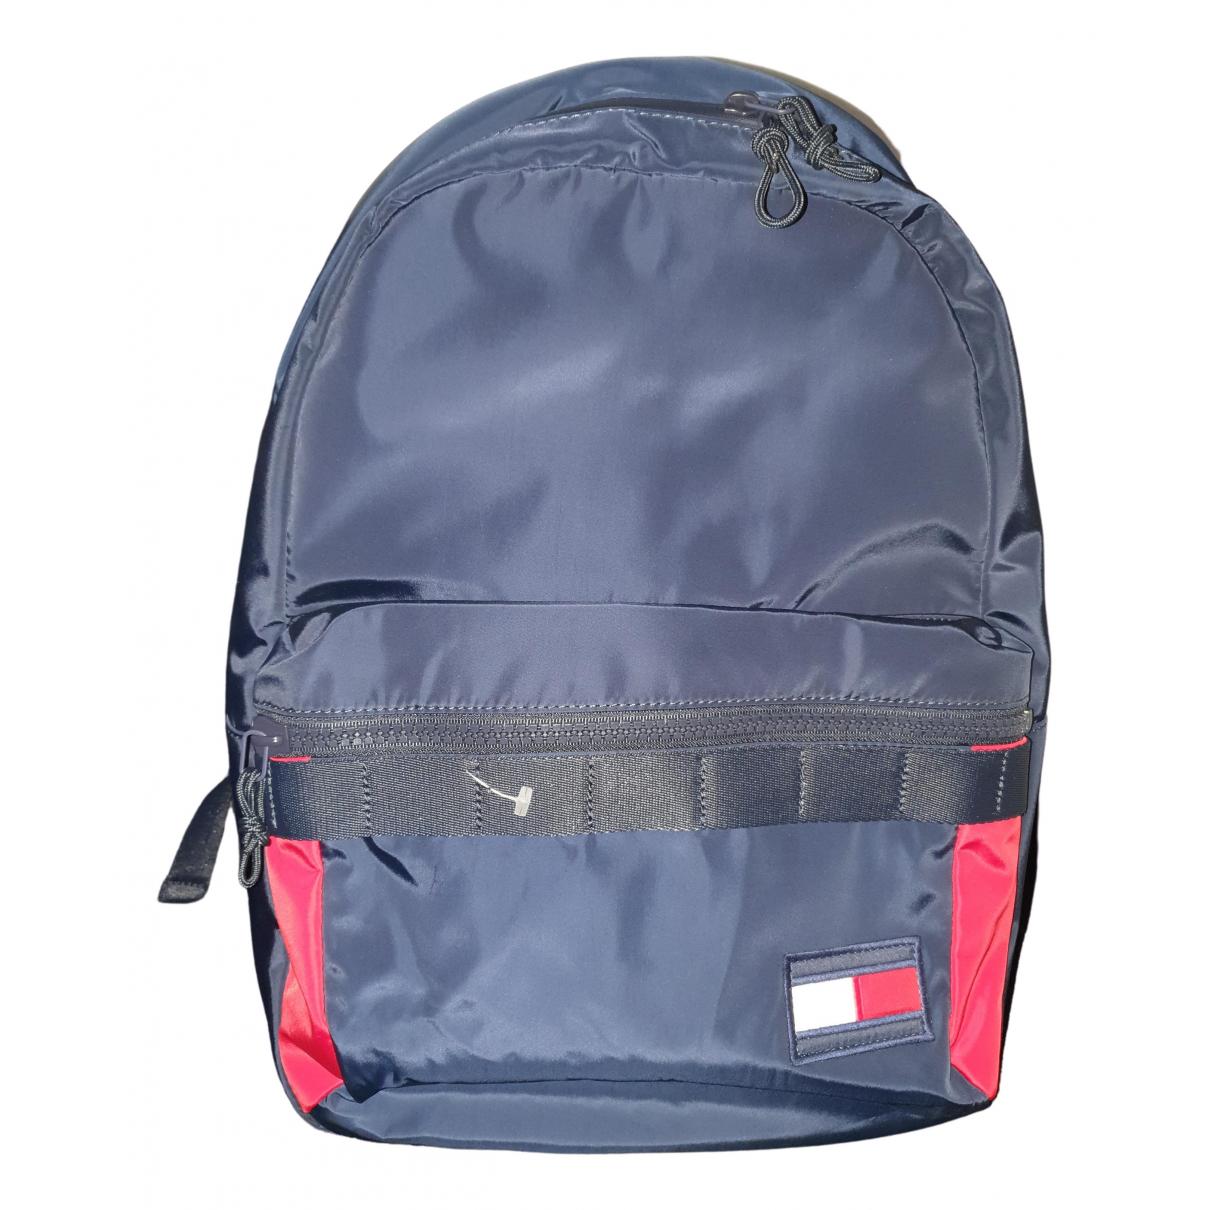 Tommy Hilfiger \N Navy Cloth bag for Men \N